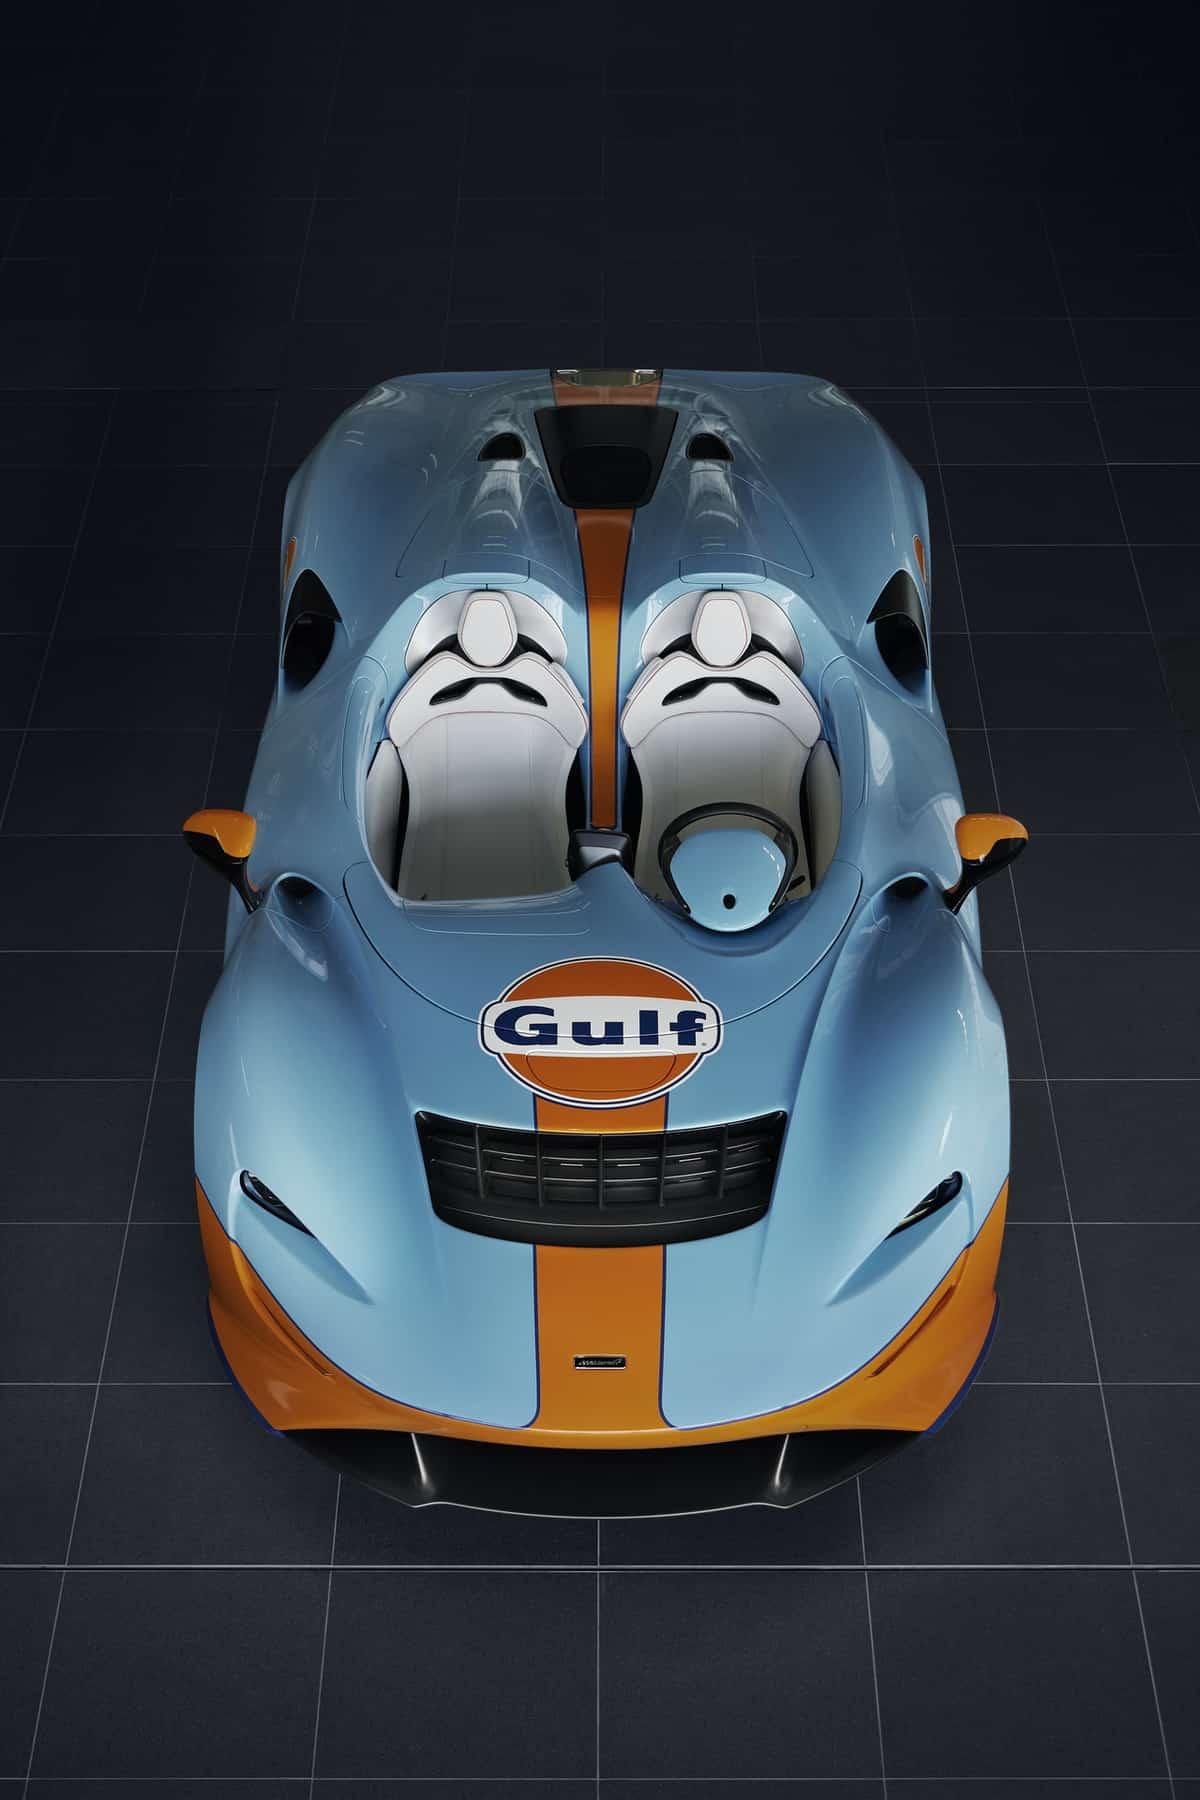 McLaren Elva Gulf Theme by MSO 7